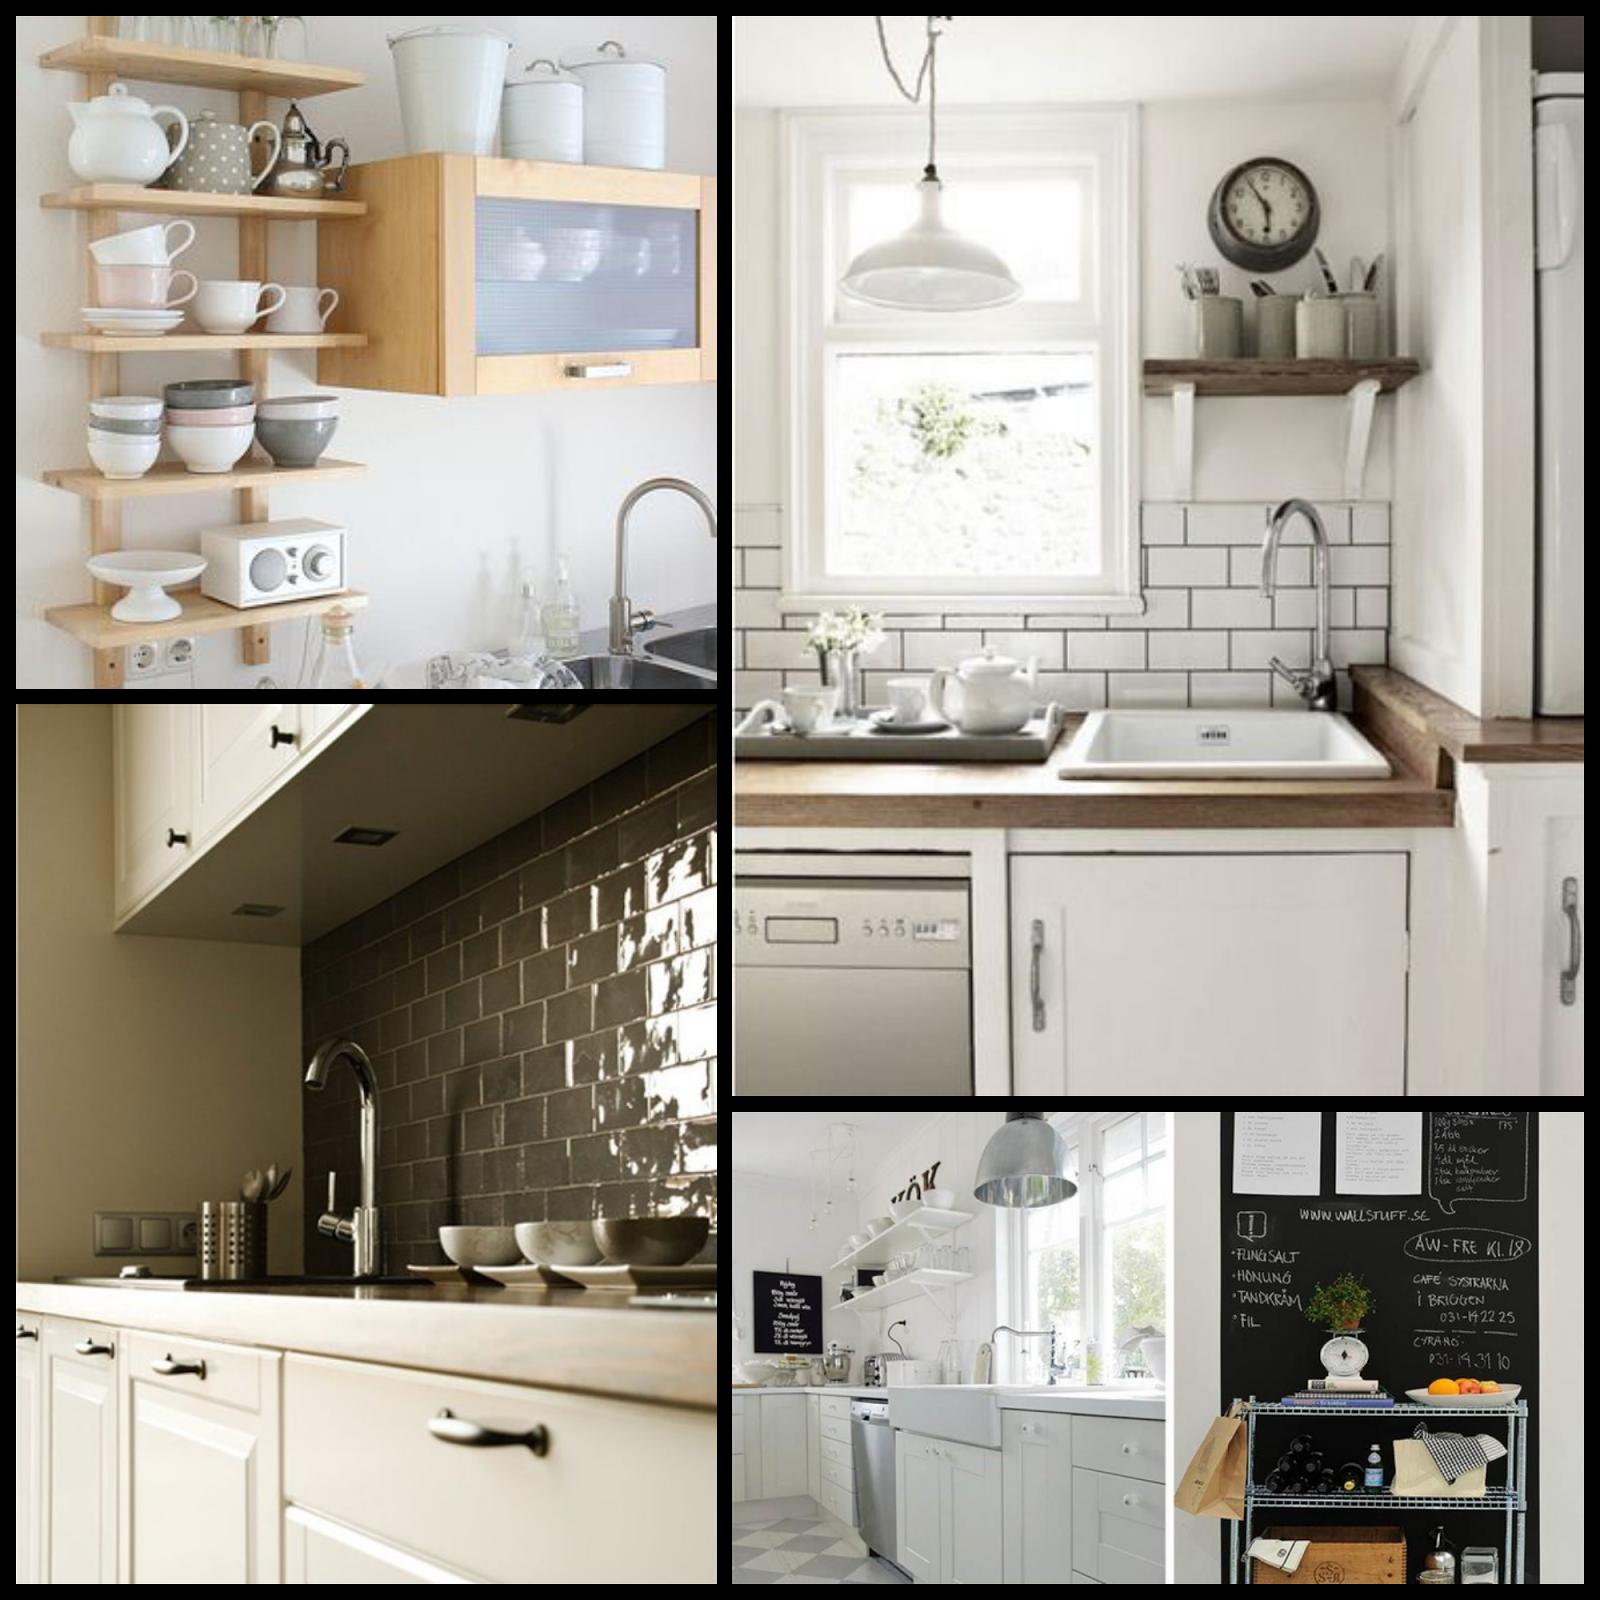 Una pizca de hogar 10 trucos para reformar tu cocina sin - Como decorar tu cocina ...